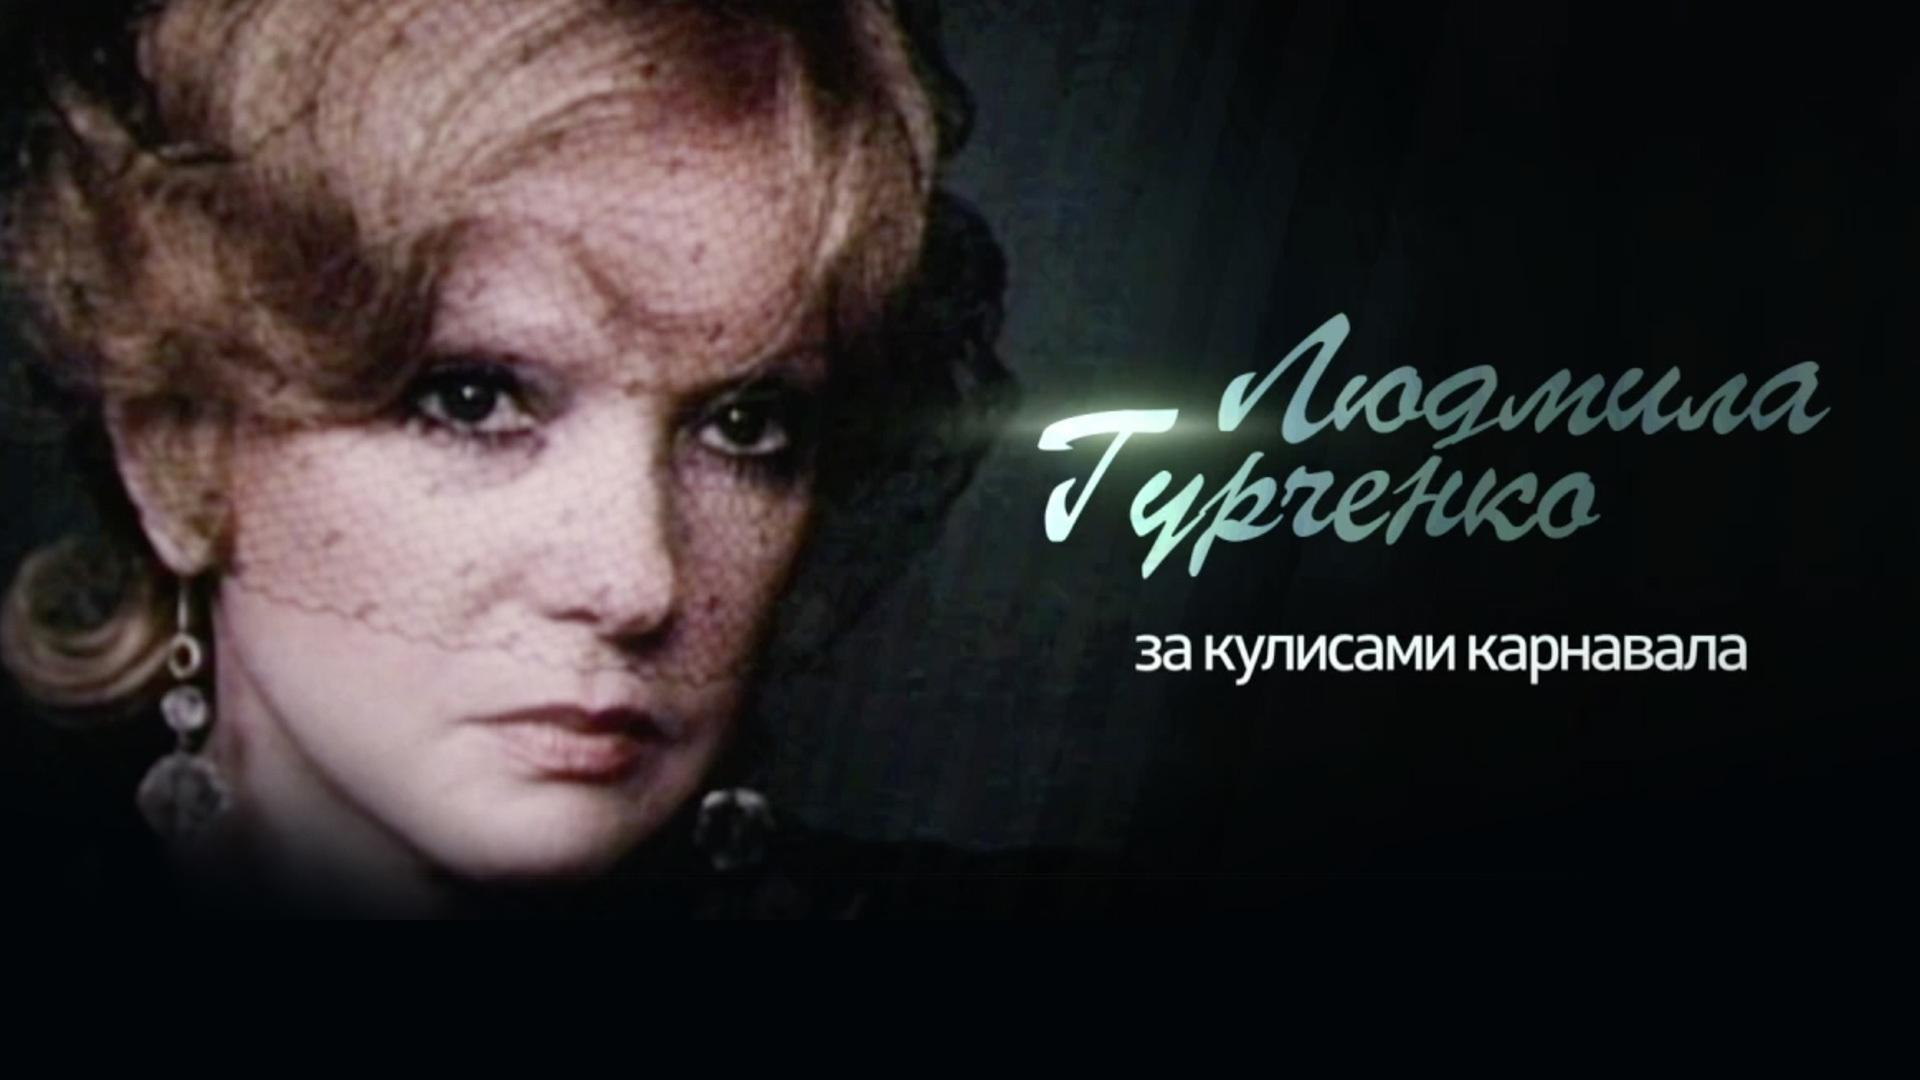 Людмила Гурченко. За кулисами карнавала